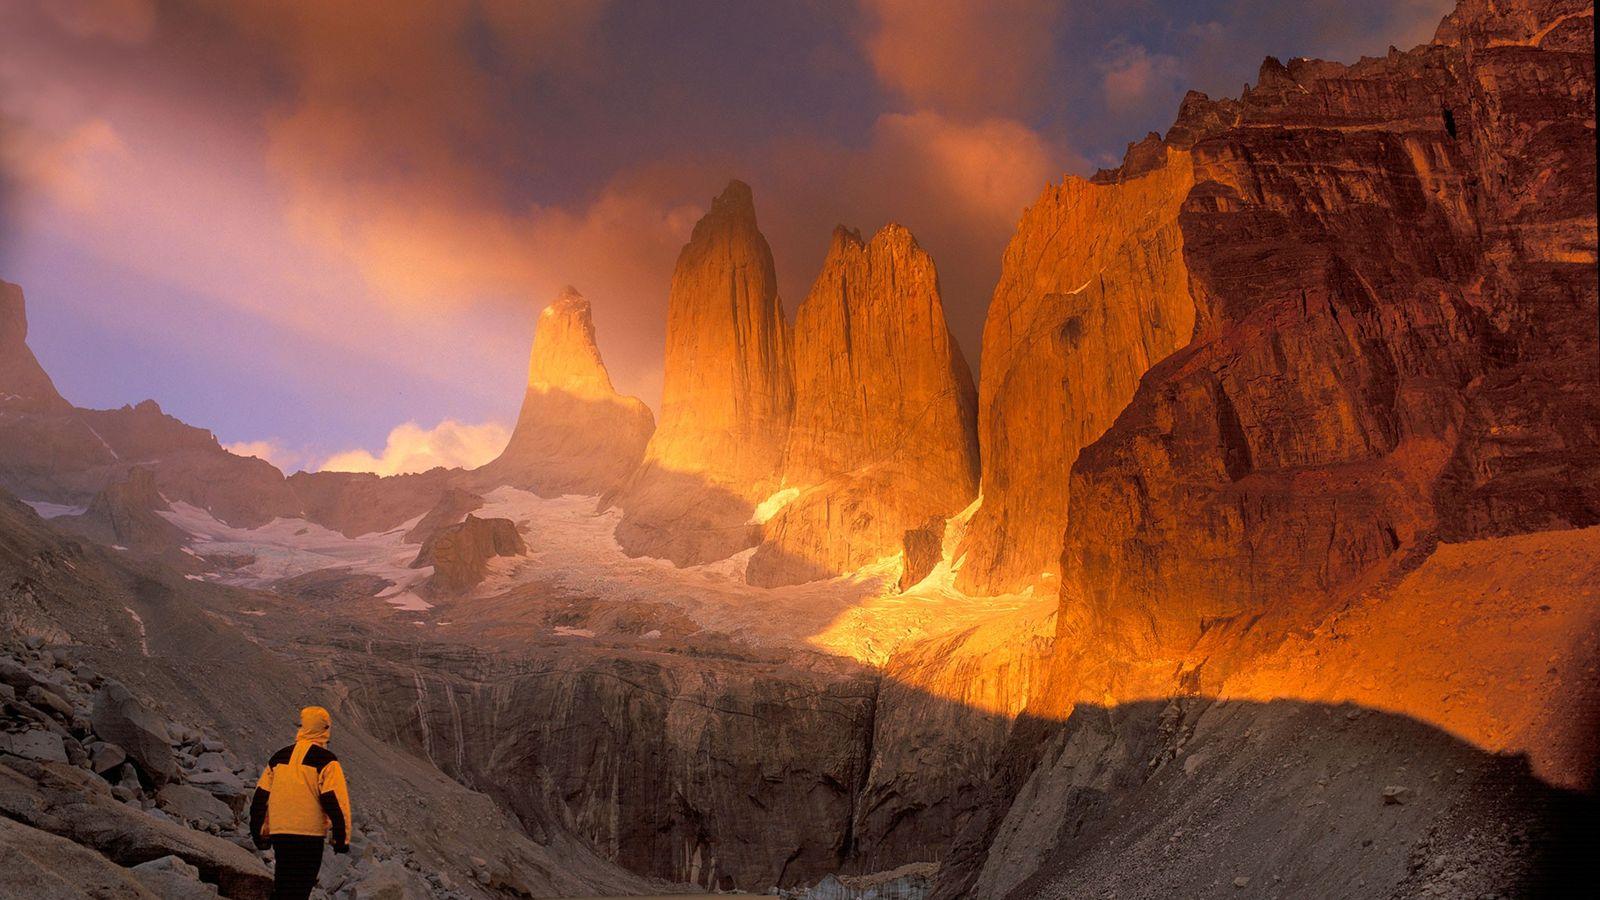 Um caminhante atravessa a paisagem rochosa do Parque Nacional de Torres del Paine